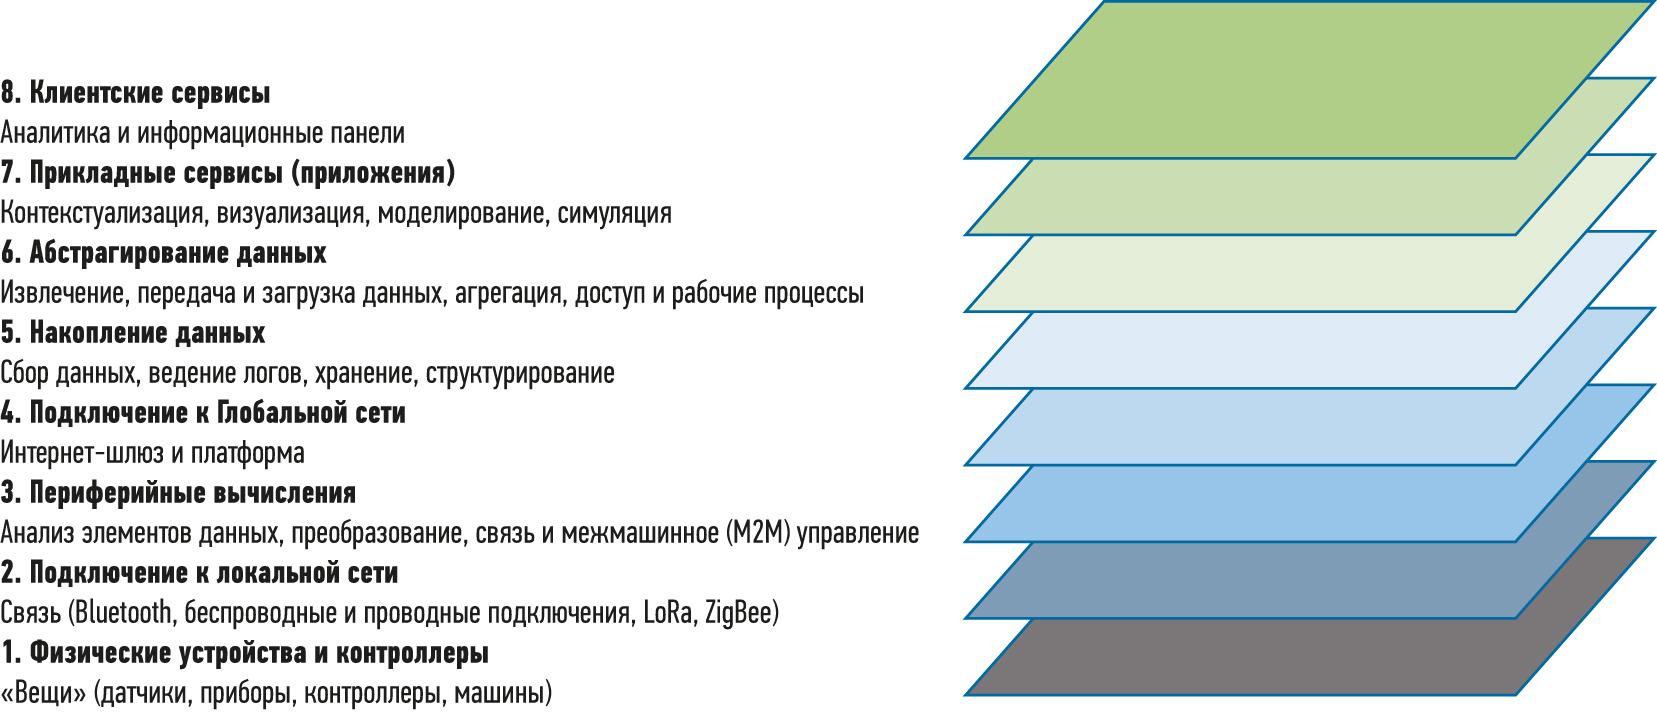 Адаптированная для различения локальных и глобальных уровней эталонная модель Всемирного форума по «Интернету вещей» в виде стека с восемью слоями вместо семи. Изображение предоставлено компанией MESA International